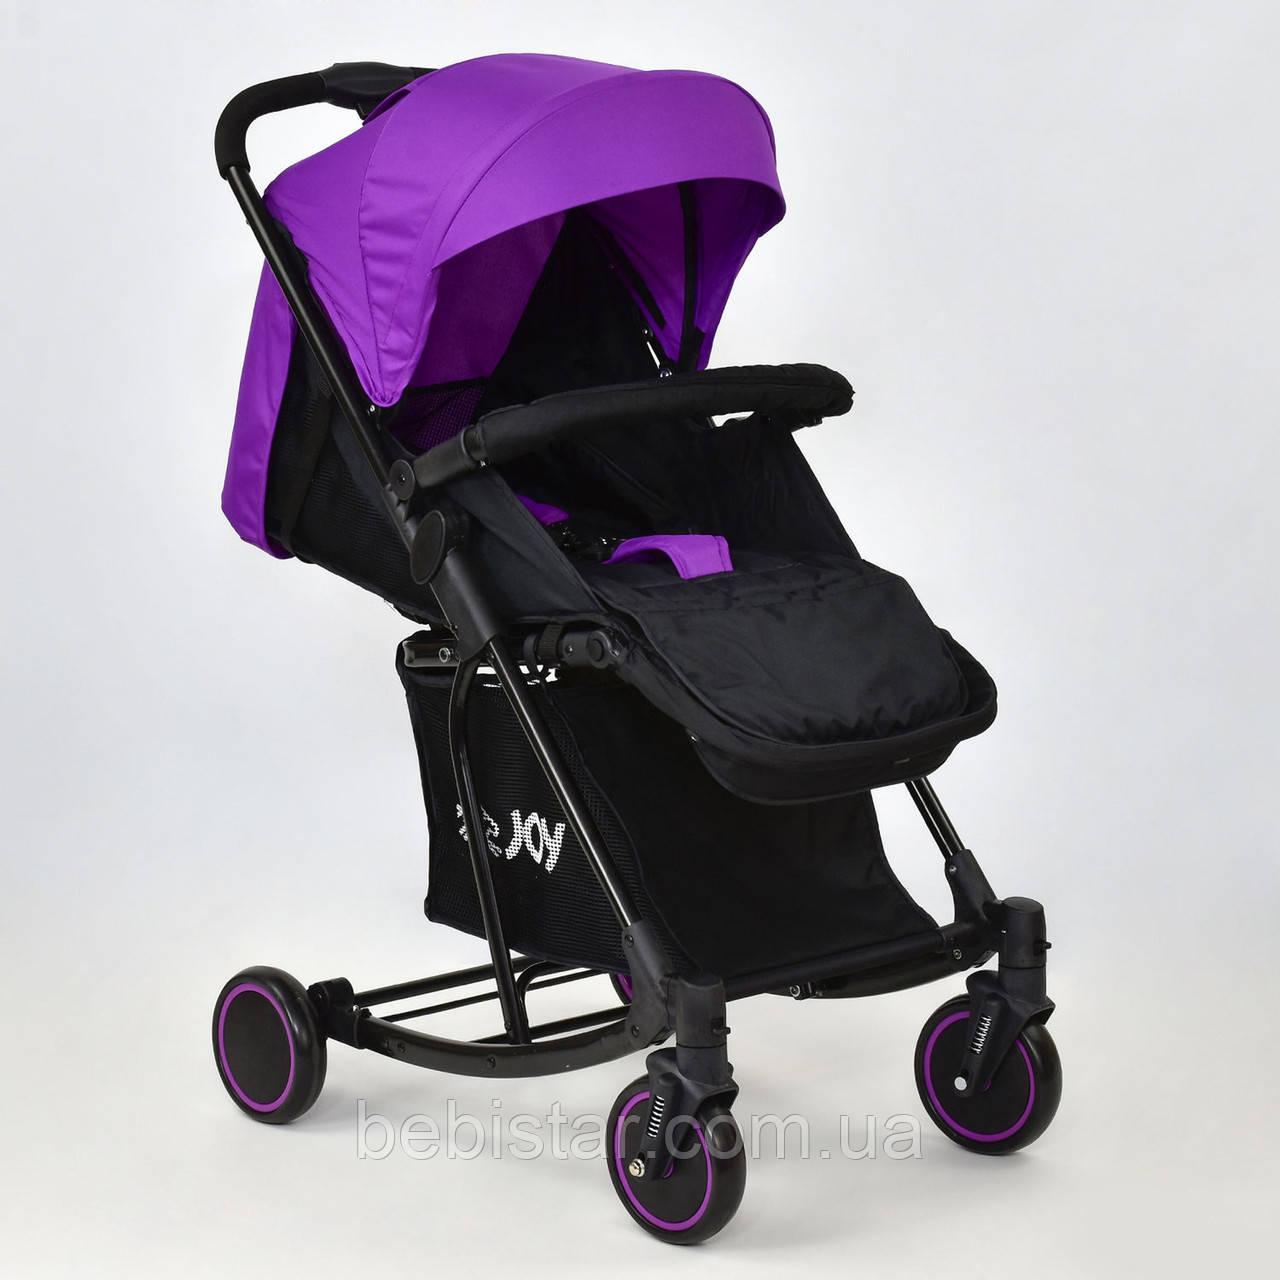 Коляска-качалкафиолетовая JOY Т 609 Violet  деткам от 1 до 3 лет